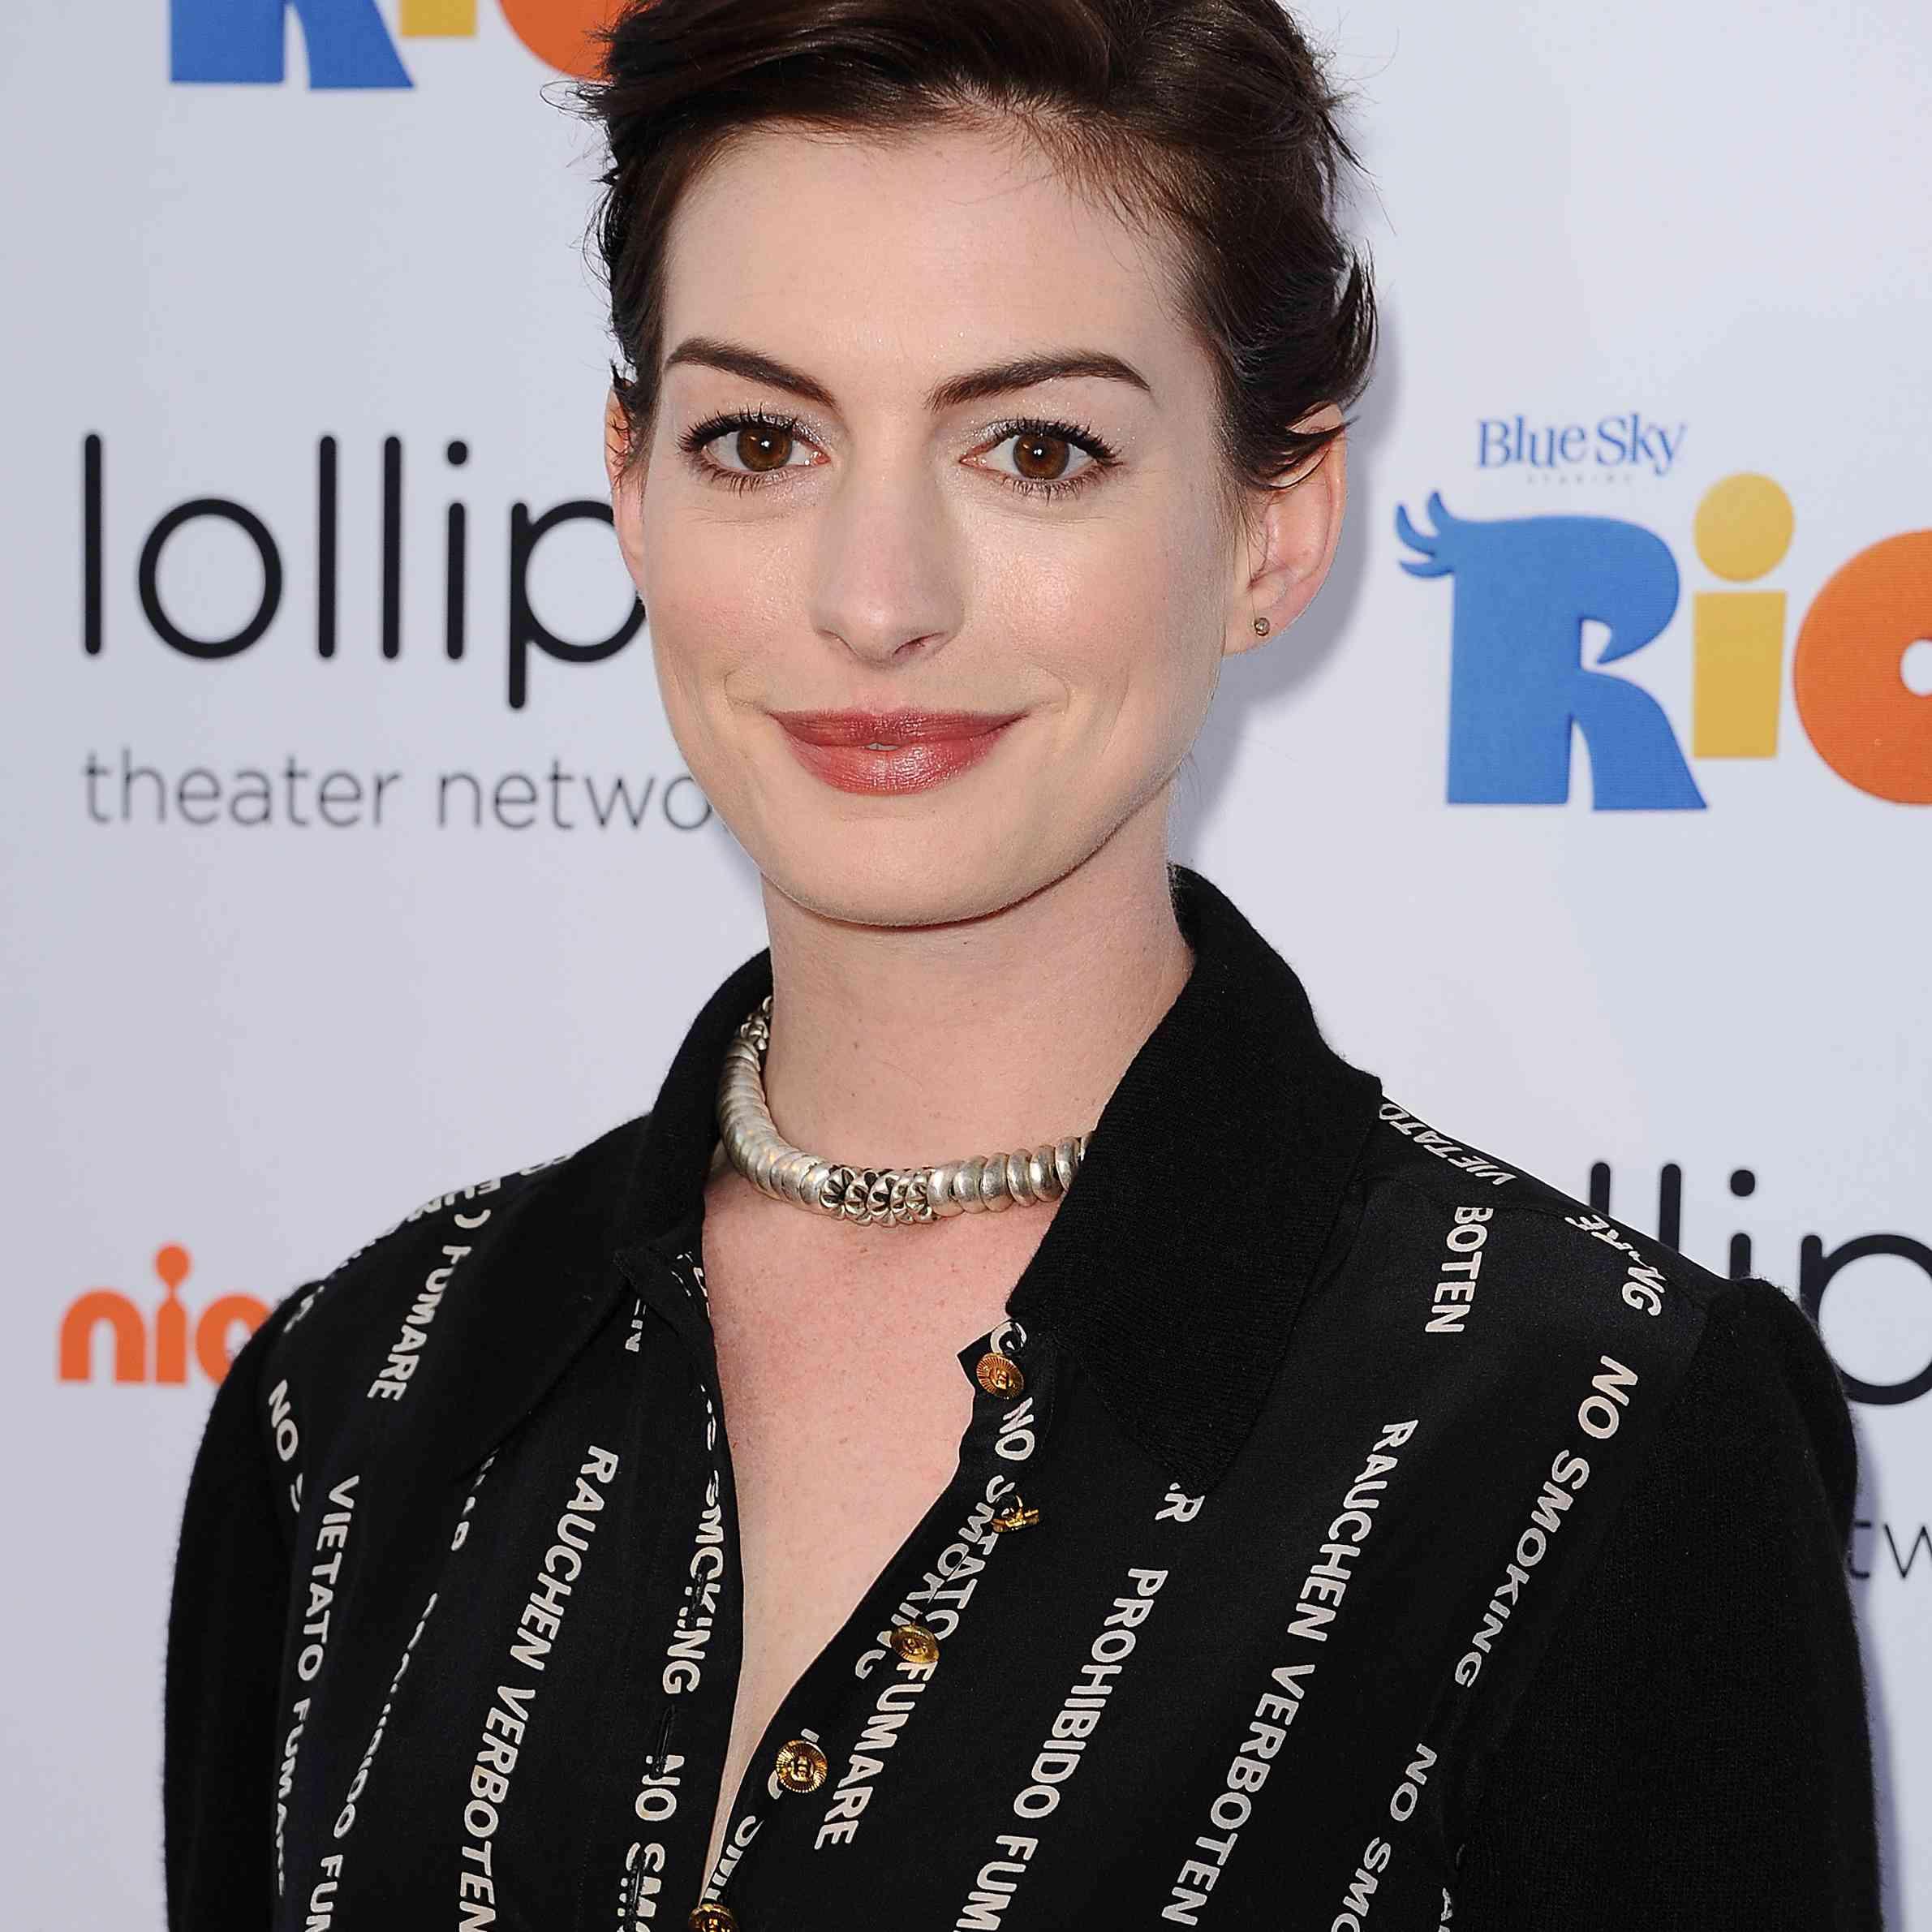 Anne Hathaway - Long Pixie Cut